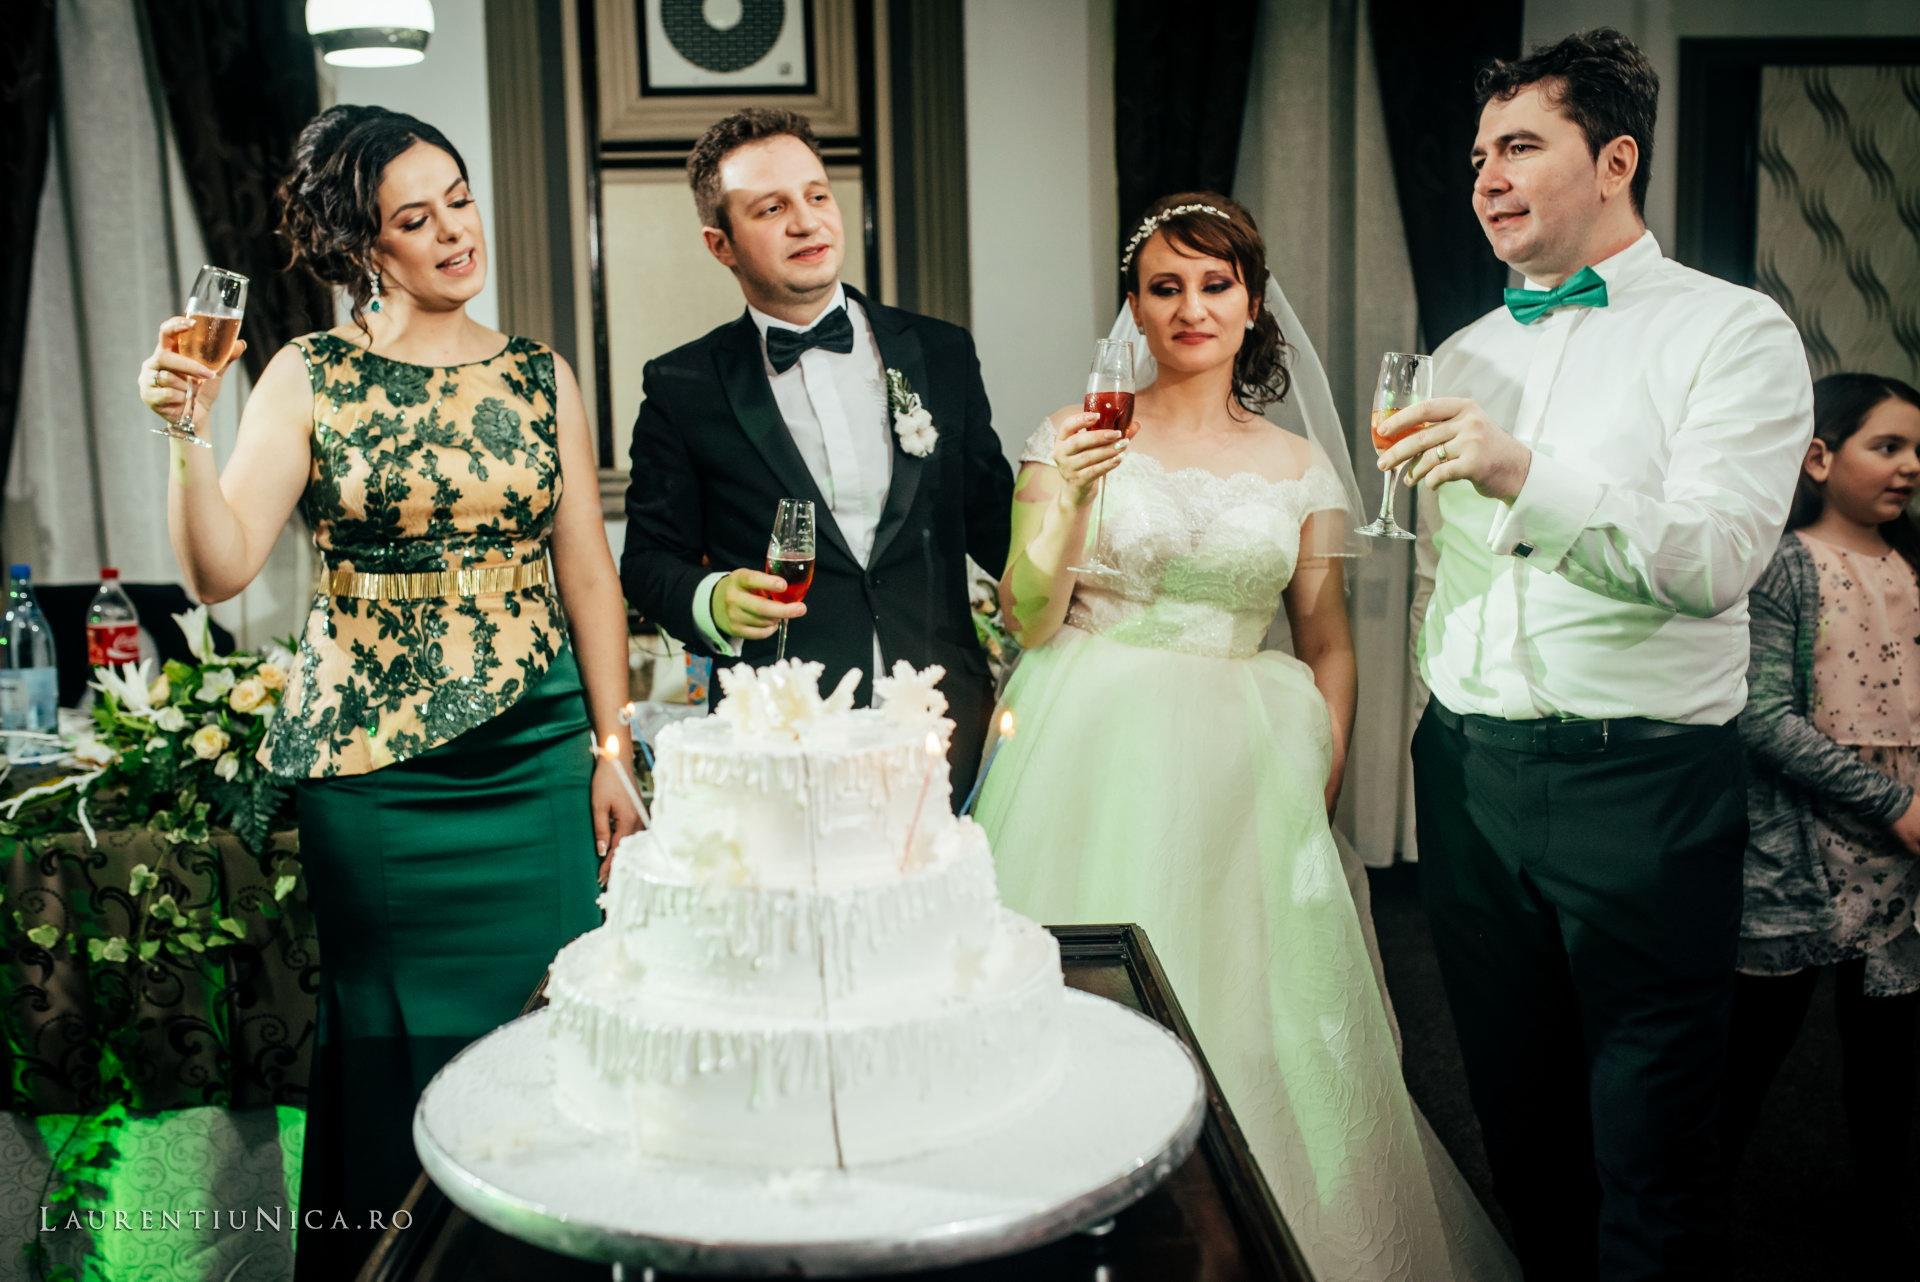 daniela si marius fotografii nunta craiova laurentiu nica64 - Daniela & Marius | Fotografii nunta